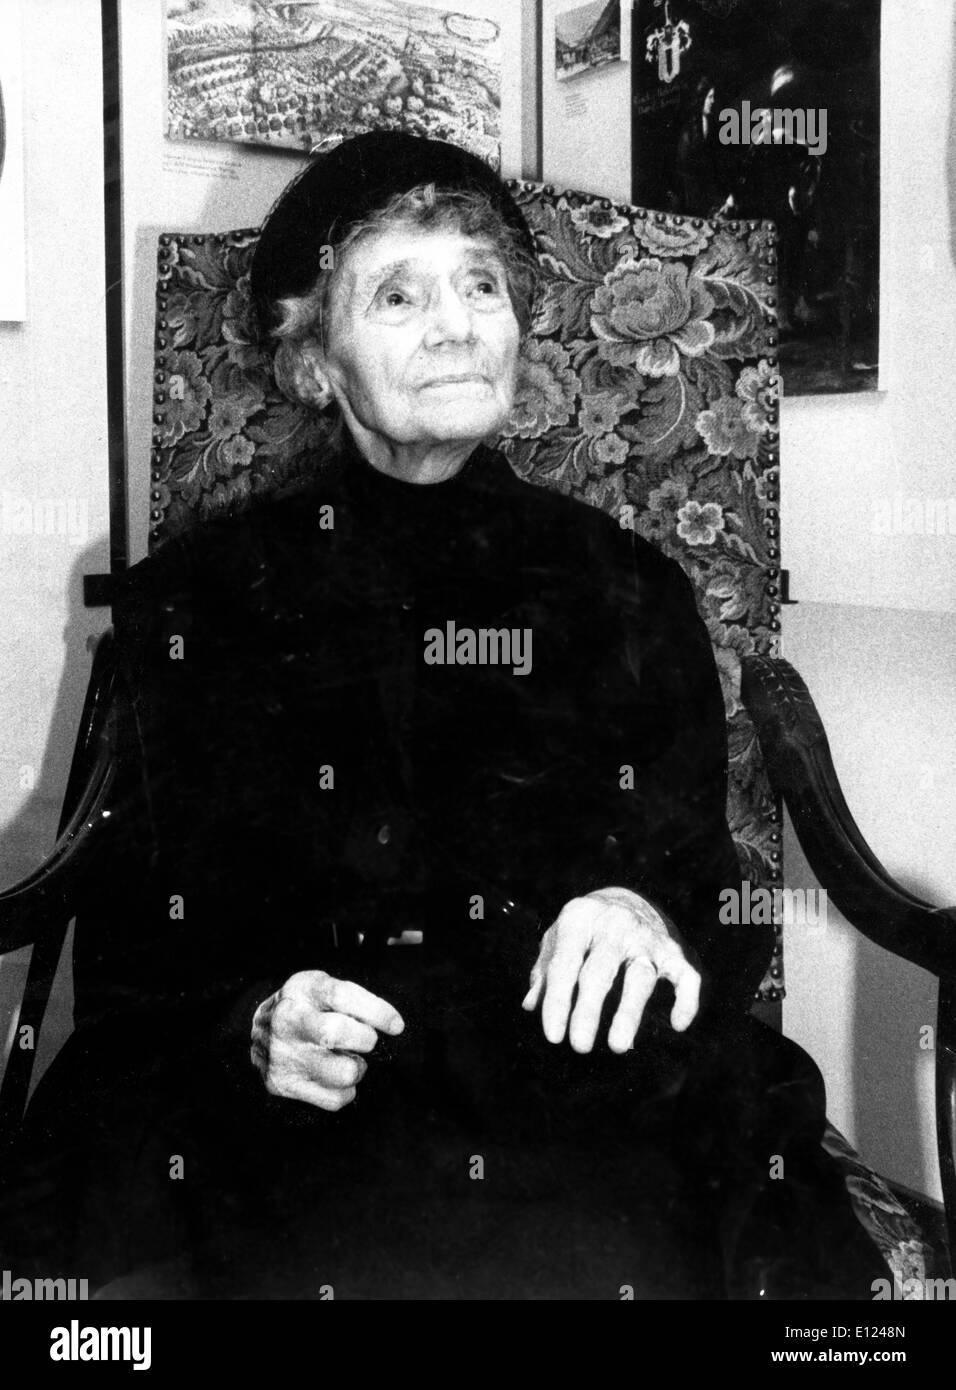 7 Juli 1985 Wien österreich Geboren 9 Mai 1892 Letzte Kaiserin